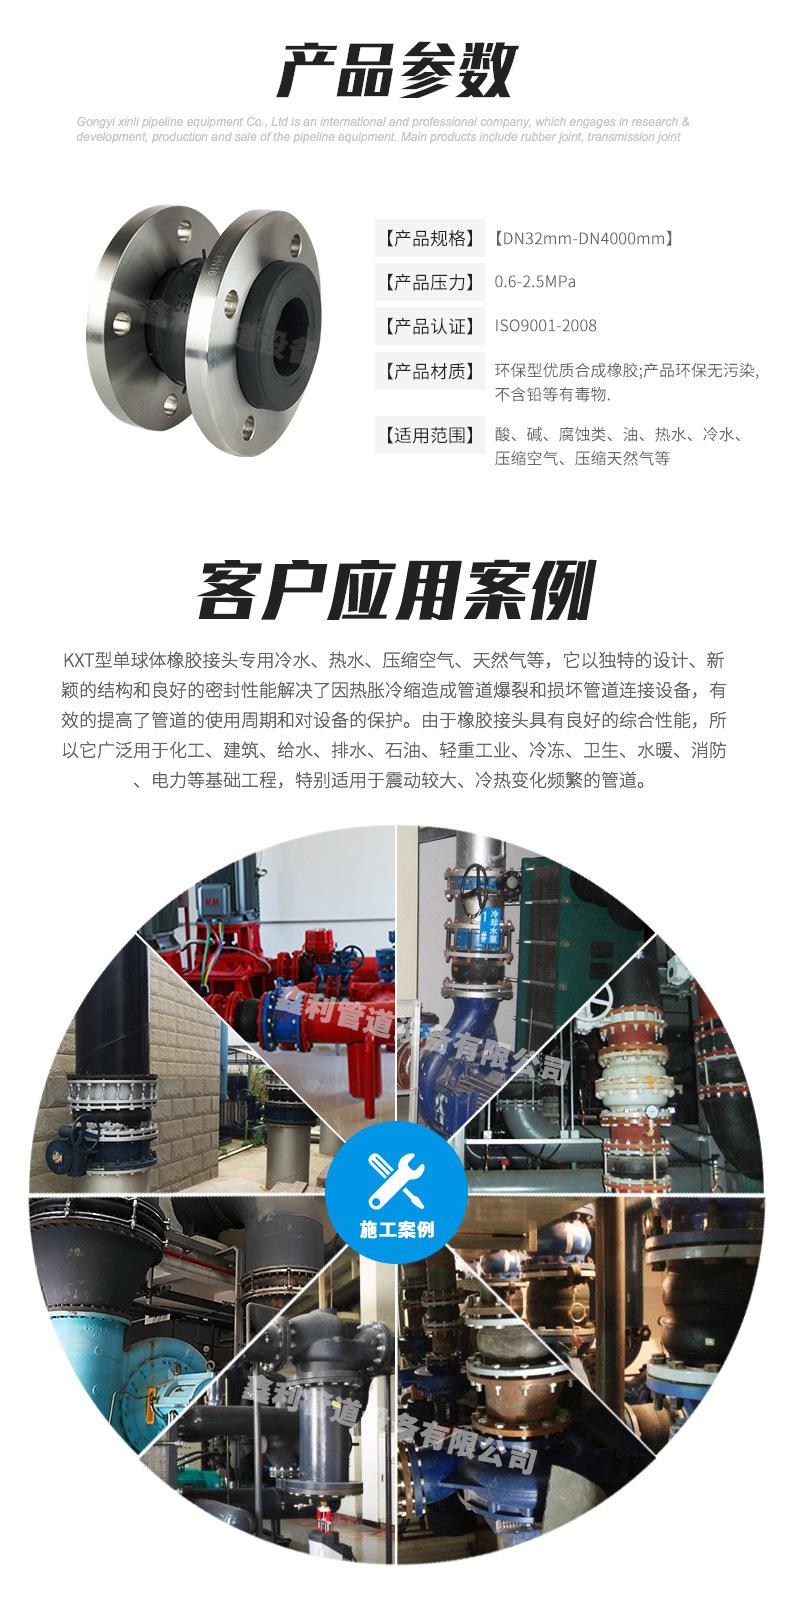 天然橡胶软连接生产工艺流程